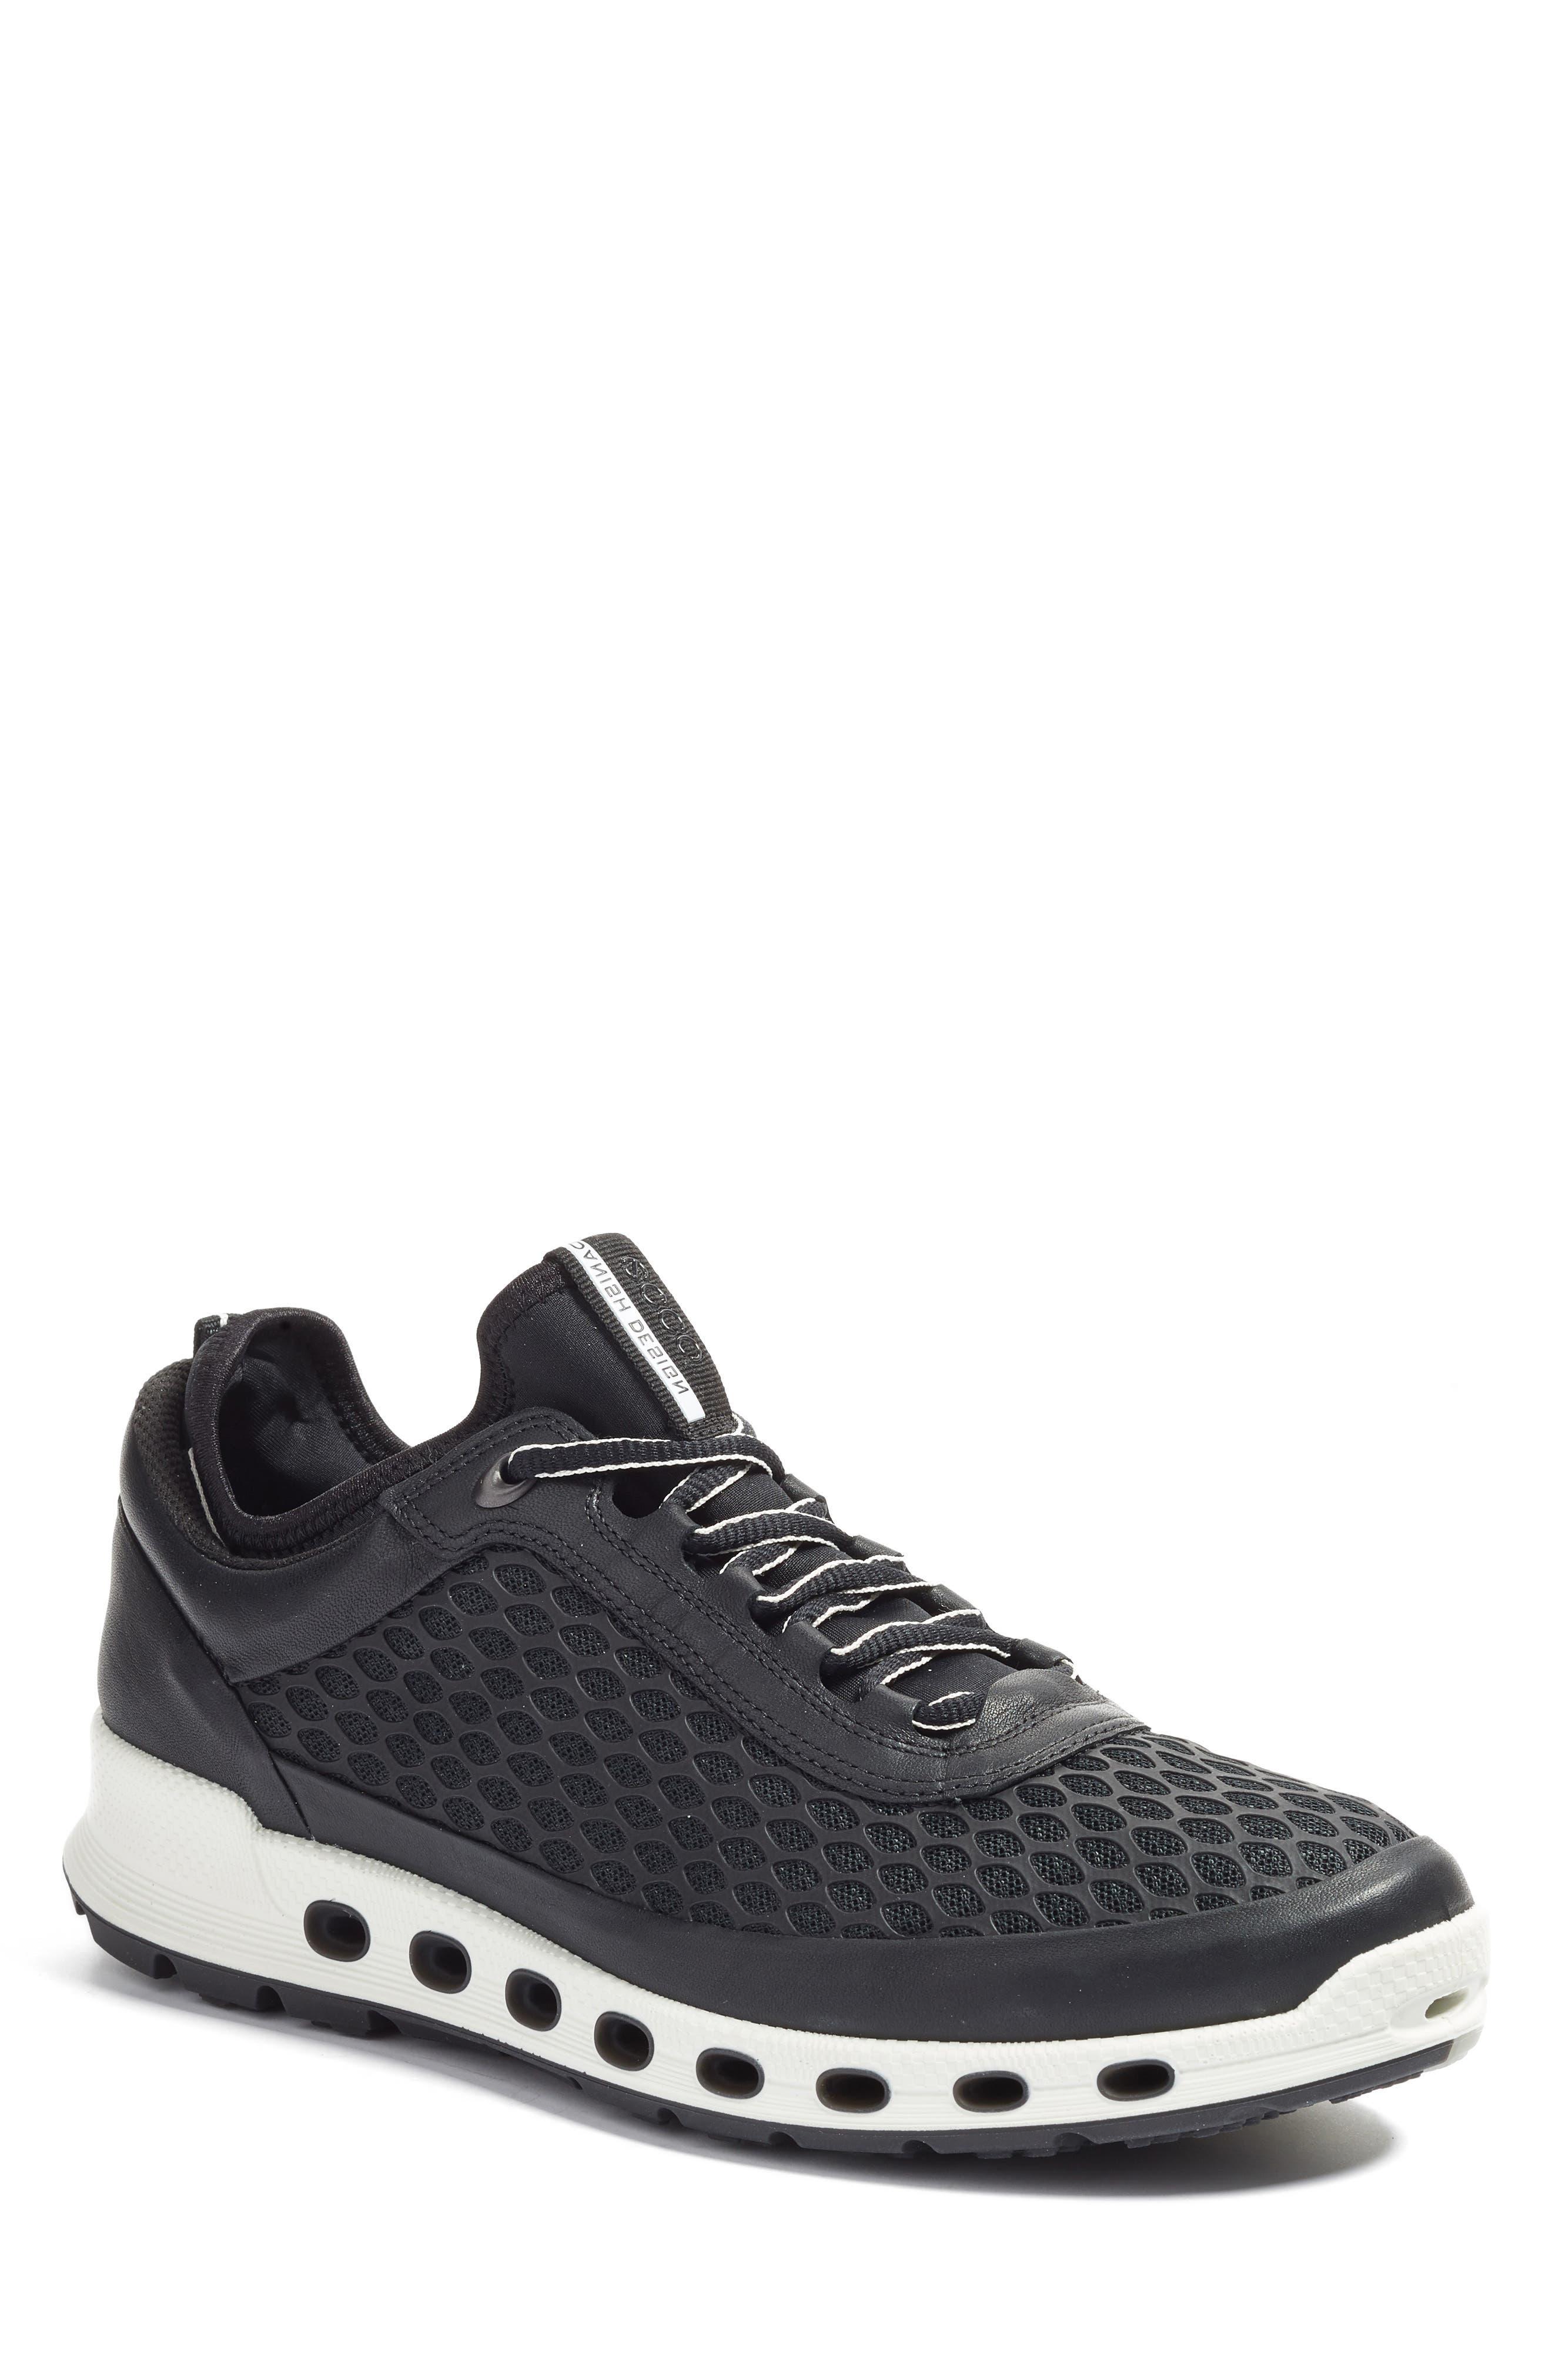 ECCO Cool 2.0 GTX Sneaker